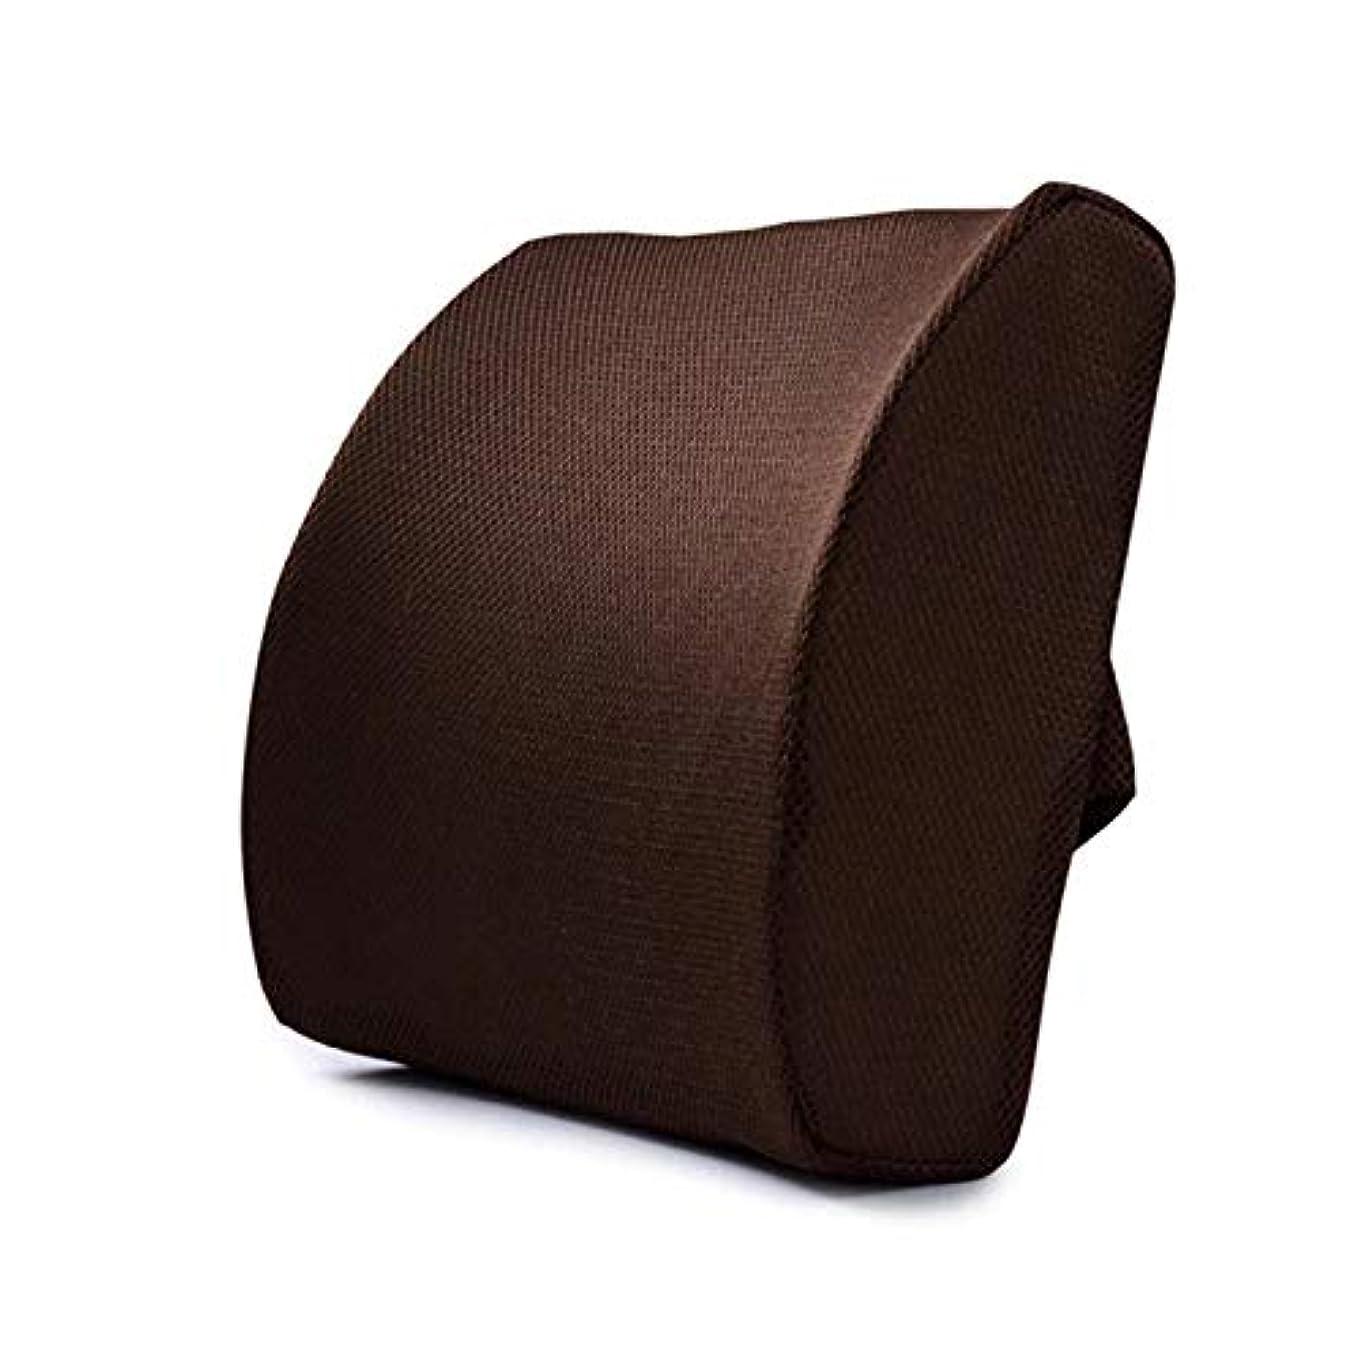 一族発生する運営LIFE ホームオフィス背もたれ椅子腰椎クッションカーシートネック枕 3D 低反発サポートバックマッサージウエストレスリビング枕 クッション 椅子